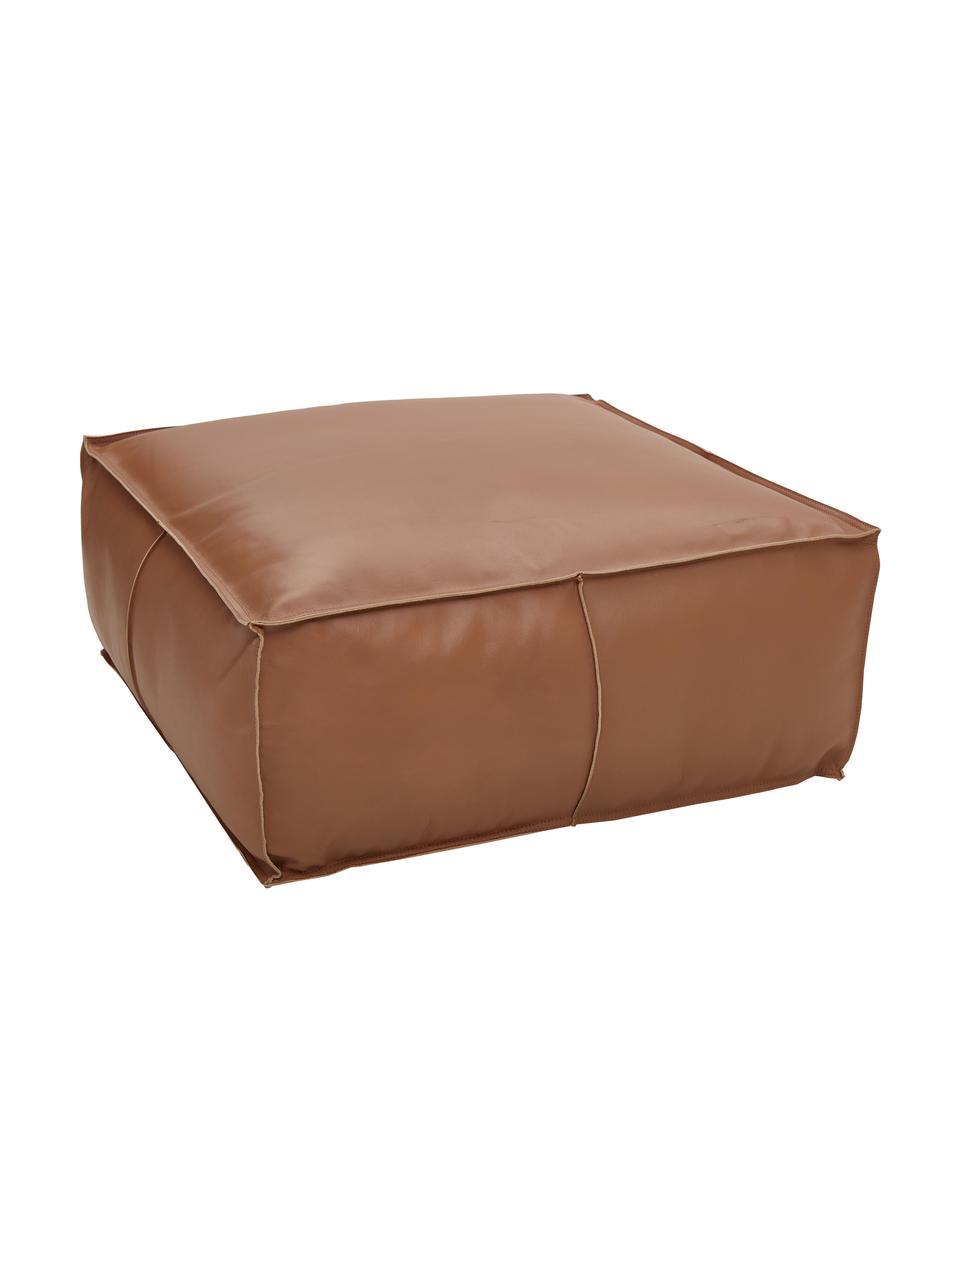 Poduszka podłogowa ze skóry Arabica, Tapicerka: skóra bawola, wykończenie, Koniakowy, S 70 x W 30 cm